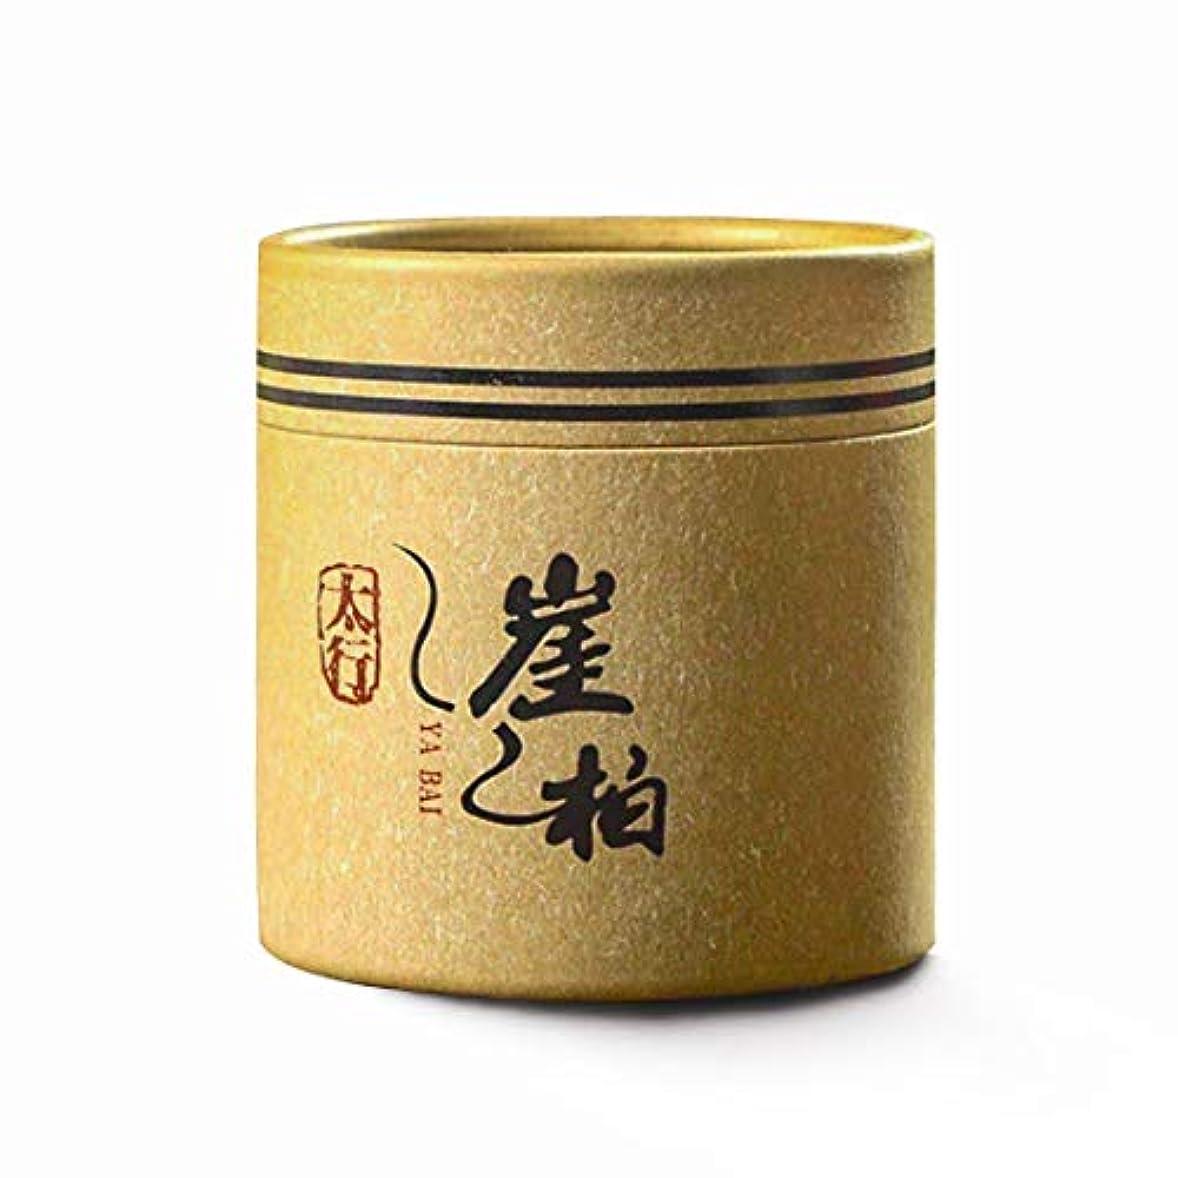 フォアマン砲兵に応じてHwagui お香 陈化崖柏 優しい香り 渦巻き線香 4時間盤香 48巻入